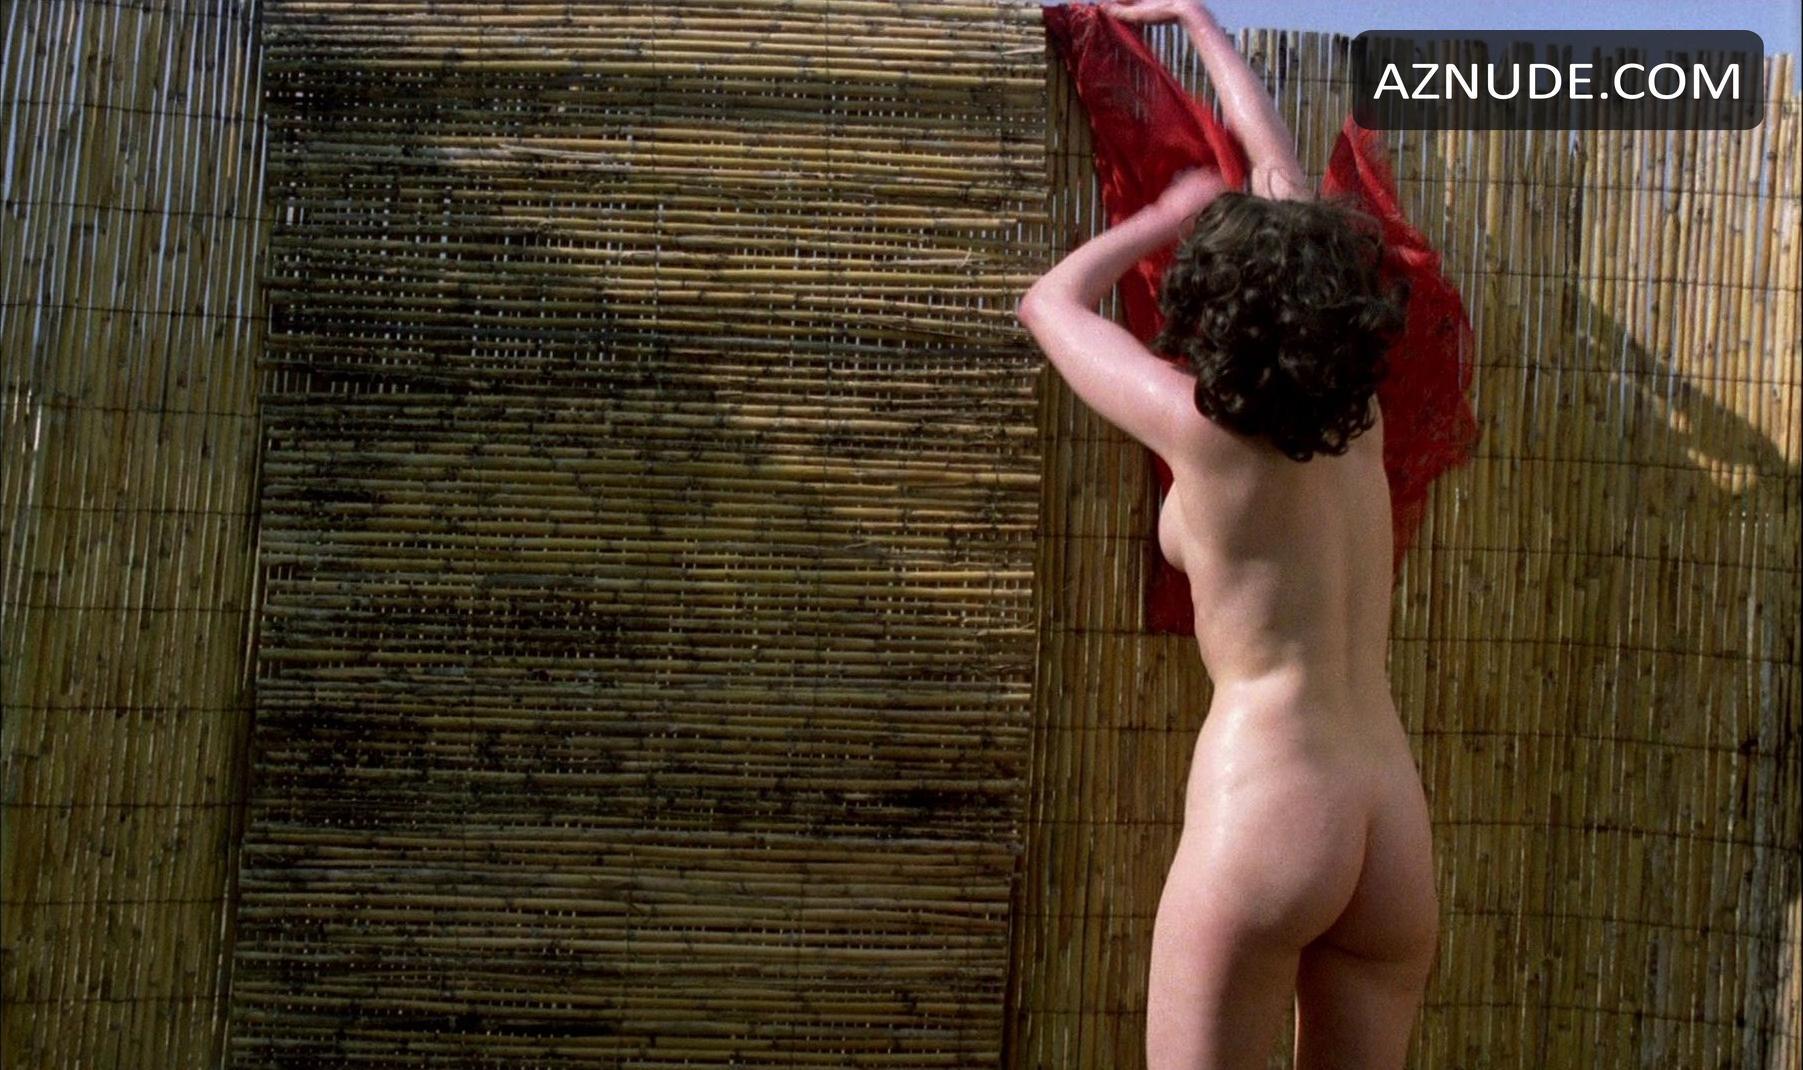 Lorna boudreau nude confirm